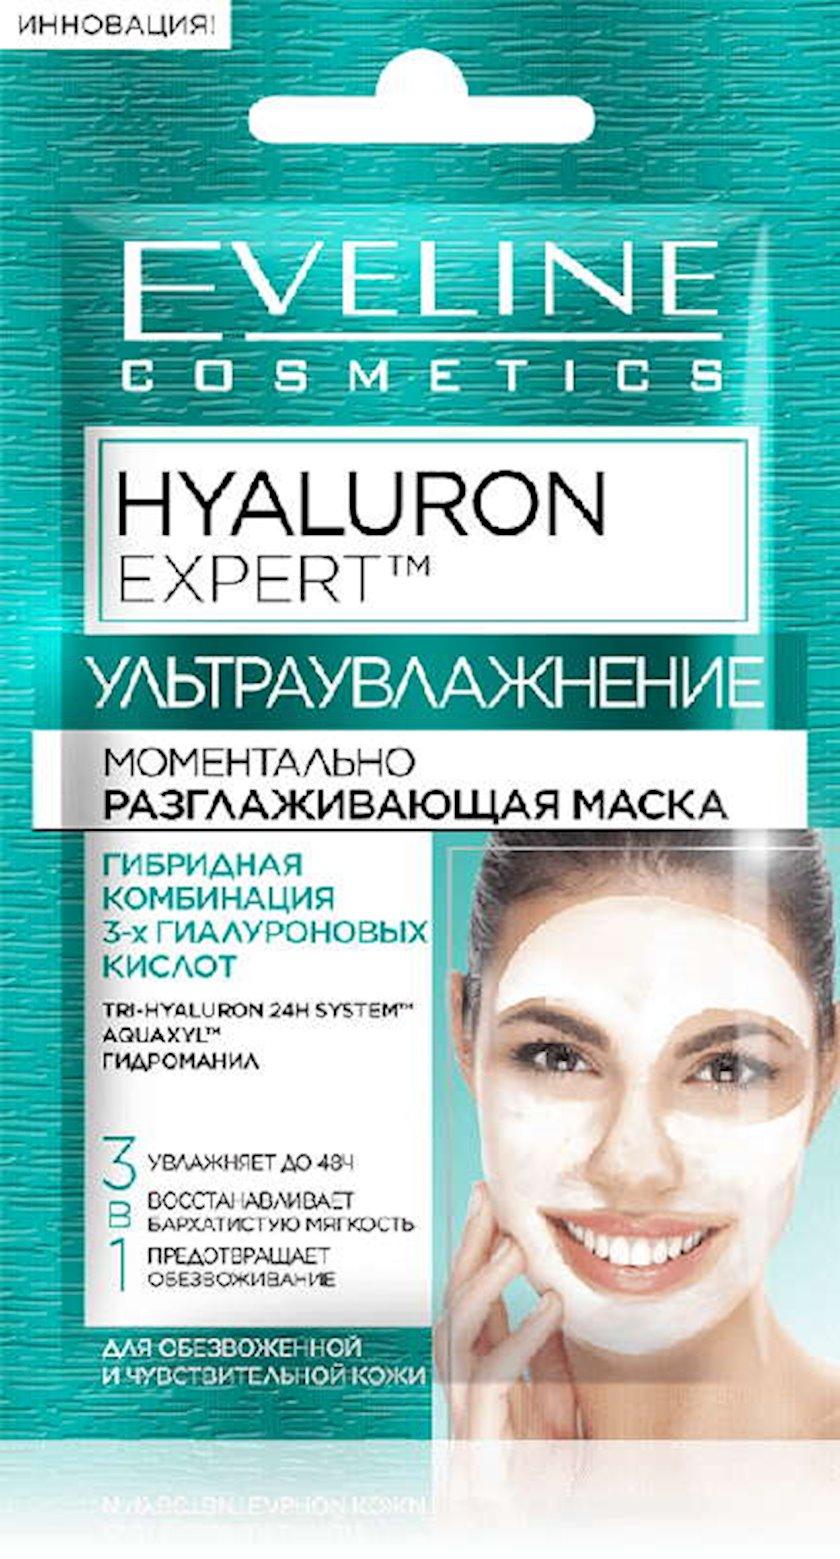 Dərhal hamarlaşdırıcı maska Eveline Cosmetics Hyaluron Expert Susuzlaşdırılmış və həssas dəri üçün 3ü 1də